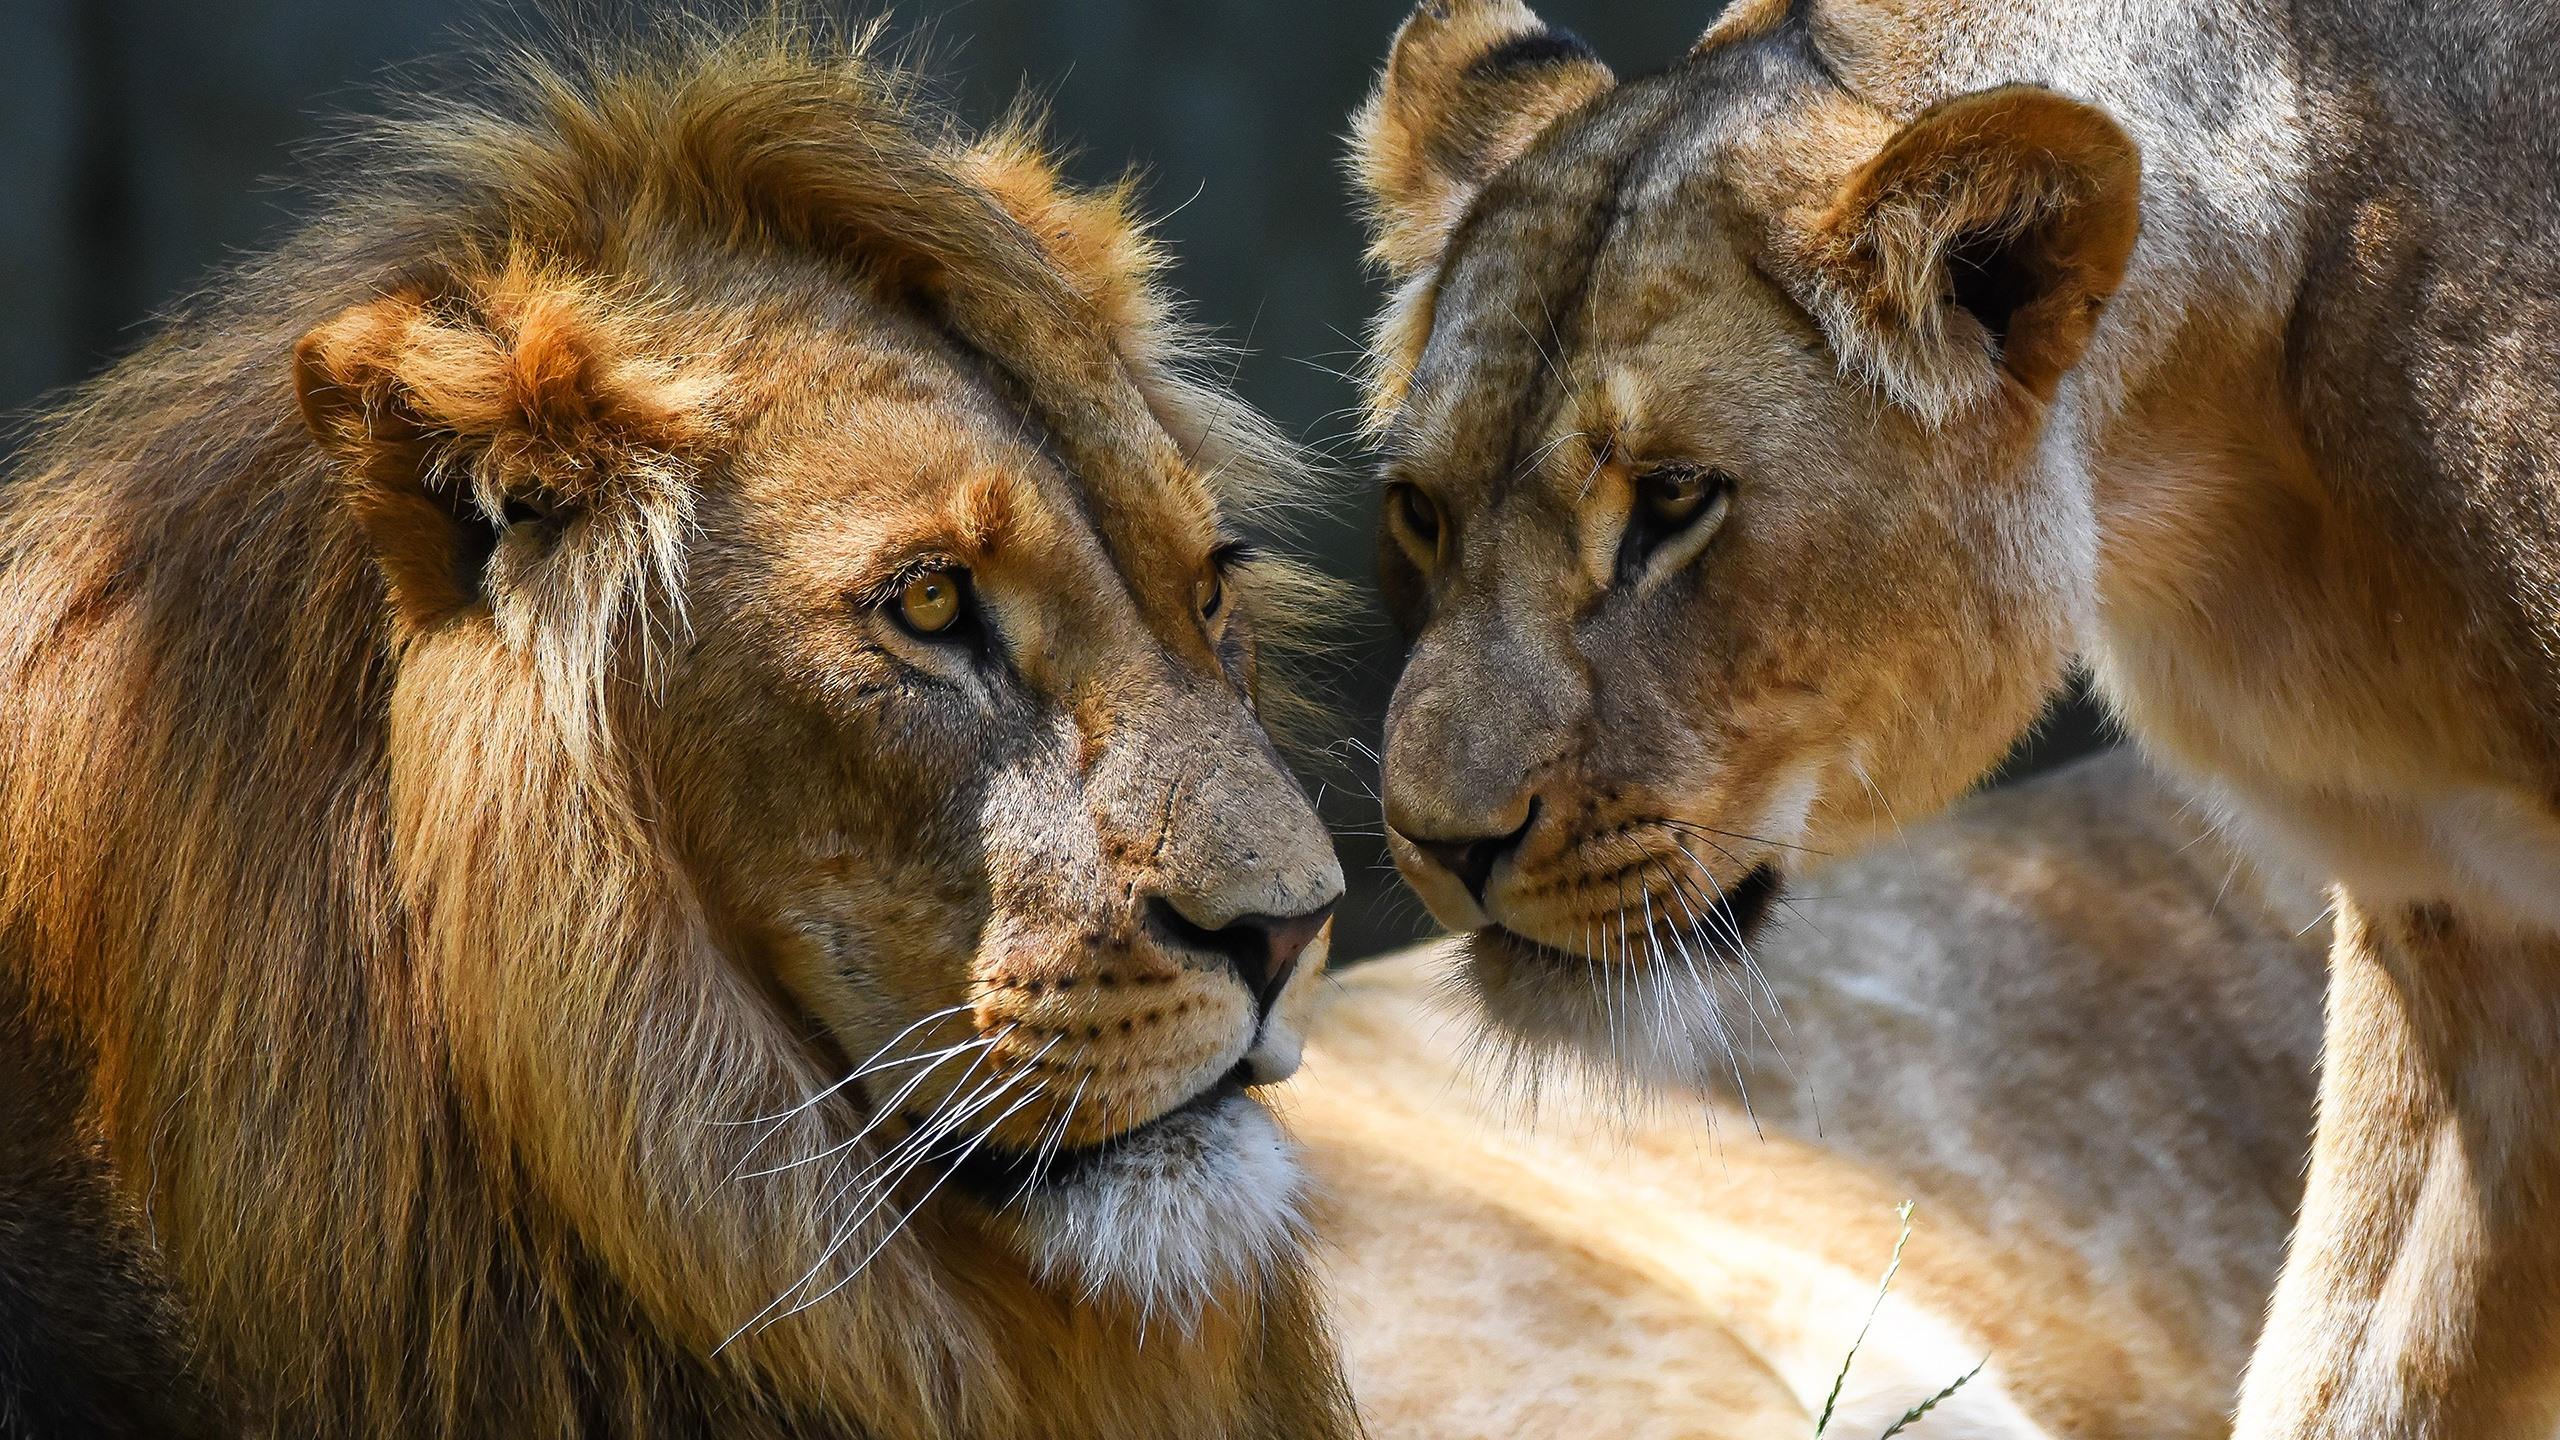 Fonds Décran Amour Lion Et Lionne 2560x1600 Hd Image